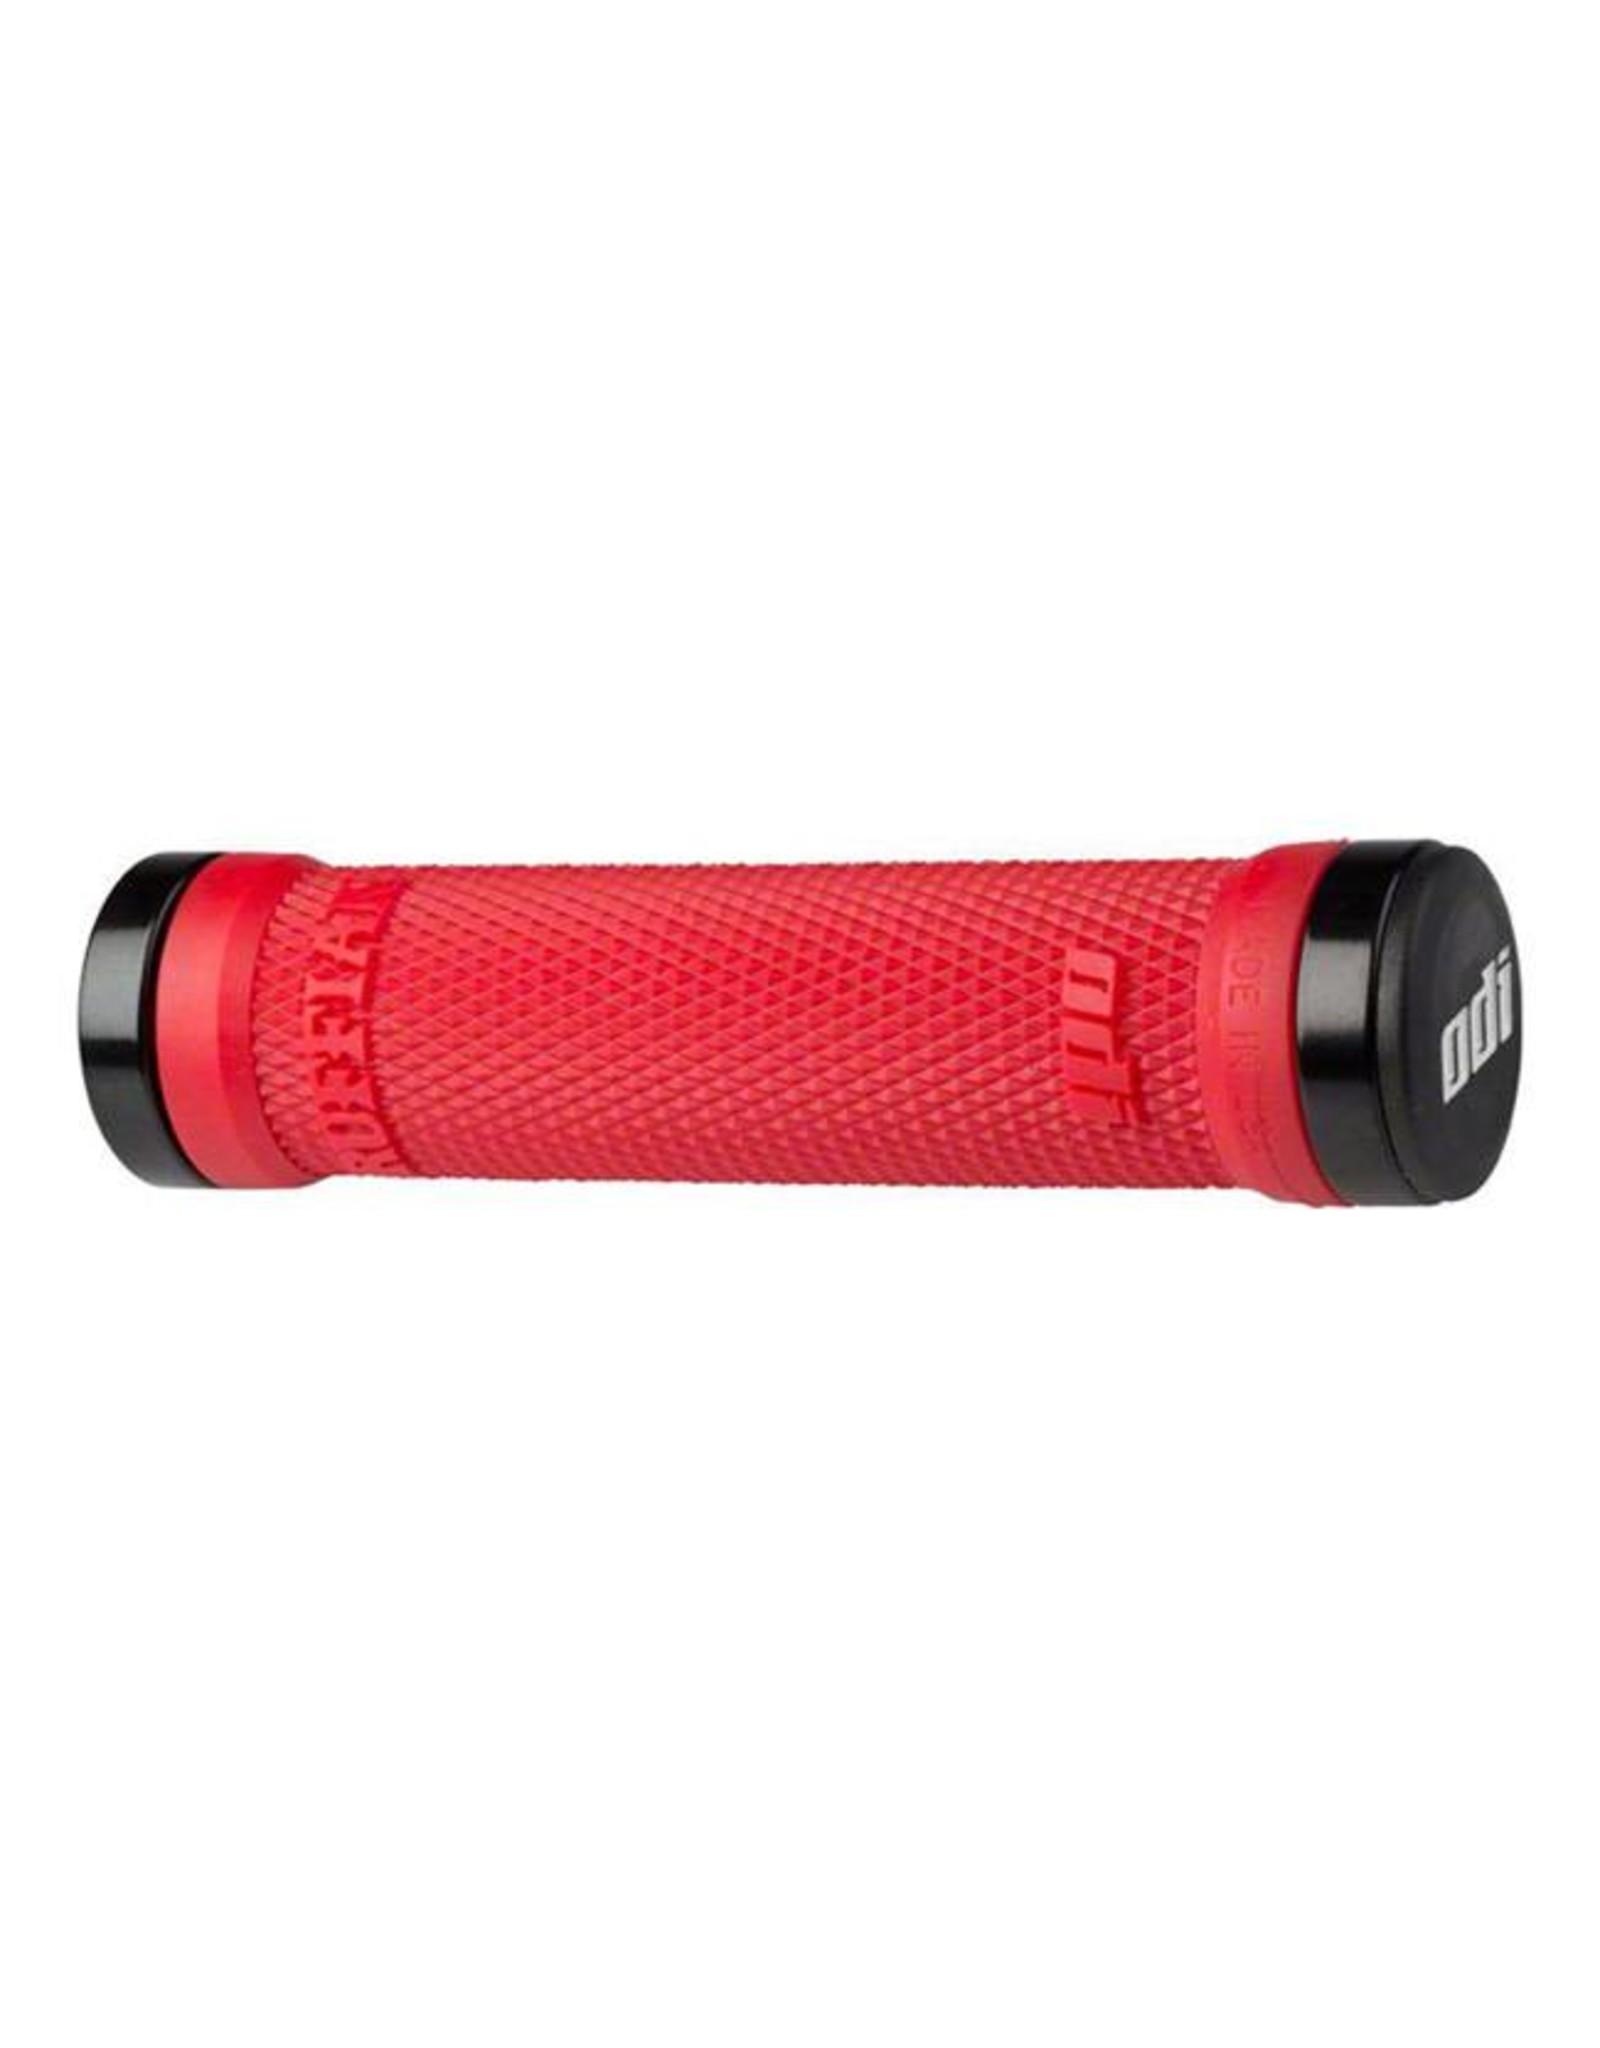 ODI ODI Ruffian MTB Lock On Grips 130mm Bright Red